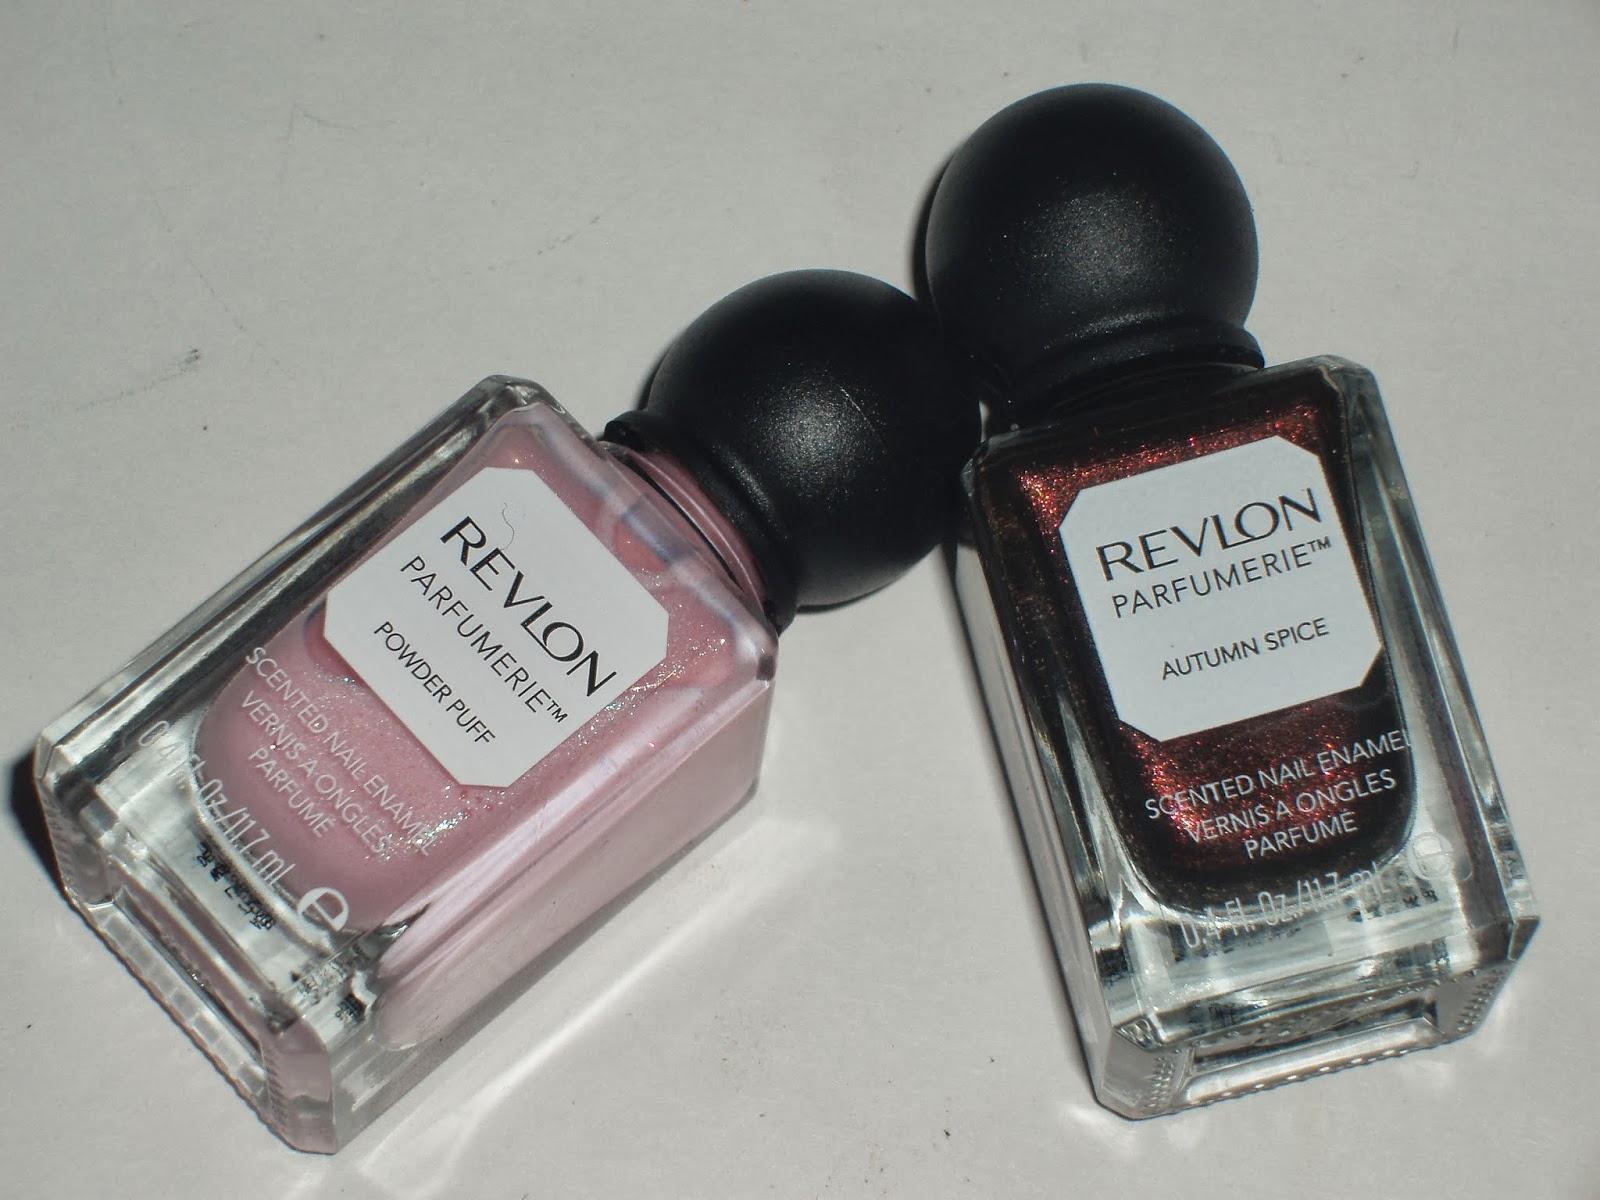 4.bp.blogspot.com_-LEvTco4POkI_UpQL7oLgLYI_AAAAAAAAJLI_3JCtxbSikRo_s1600_P1010090+-+Revlon+Parfumerie